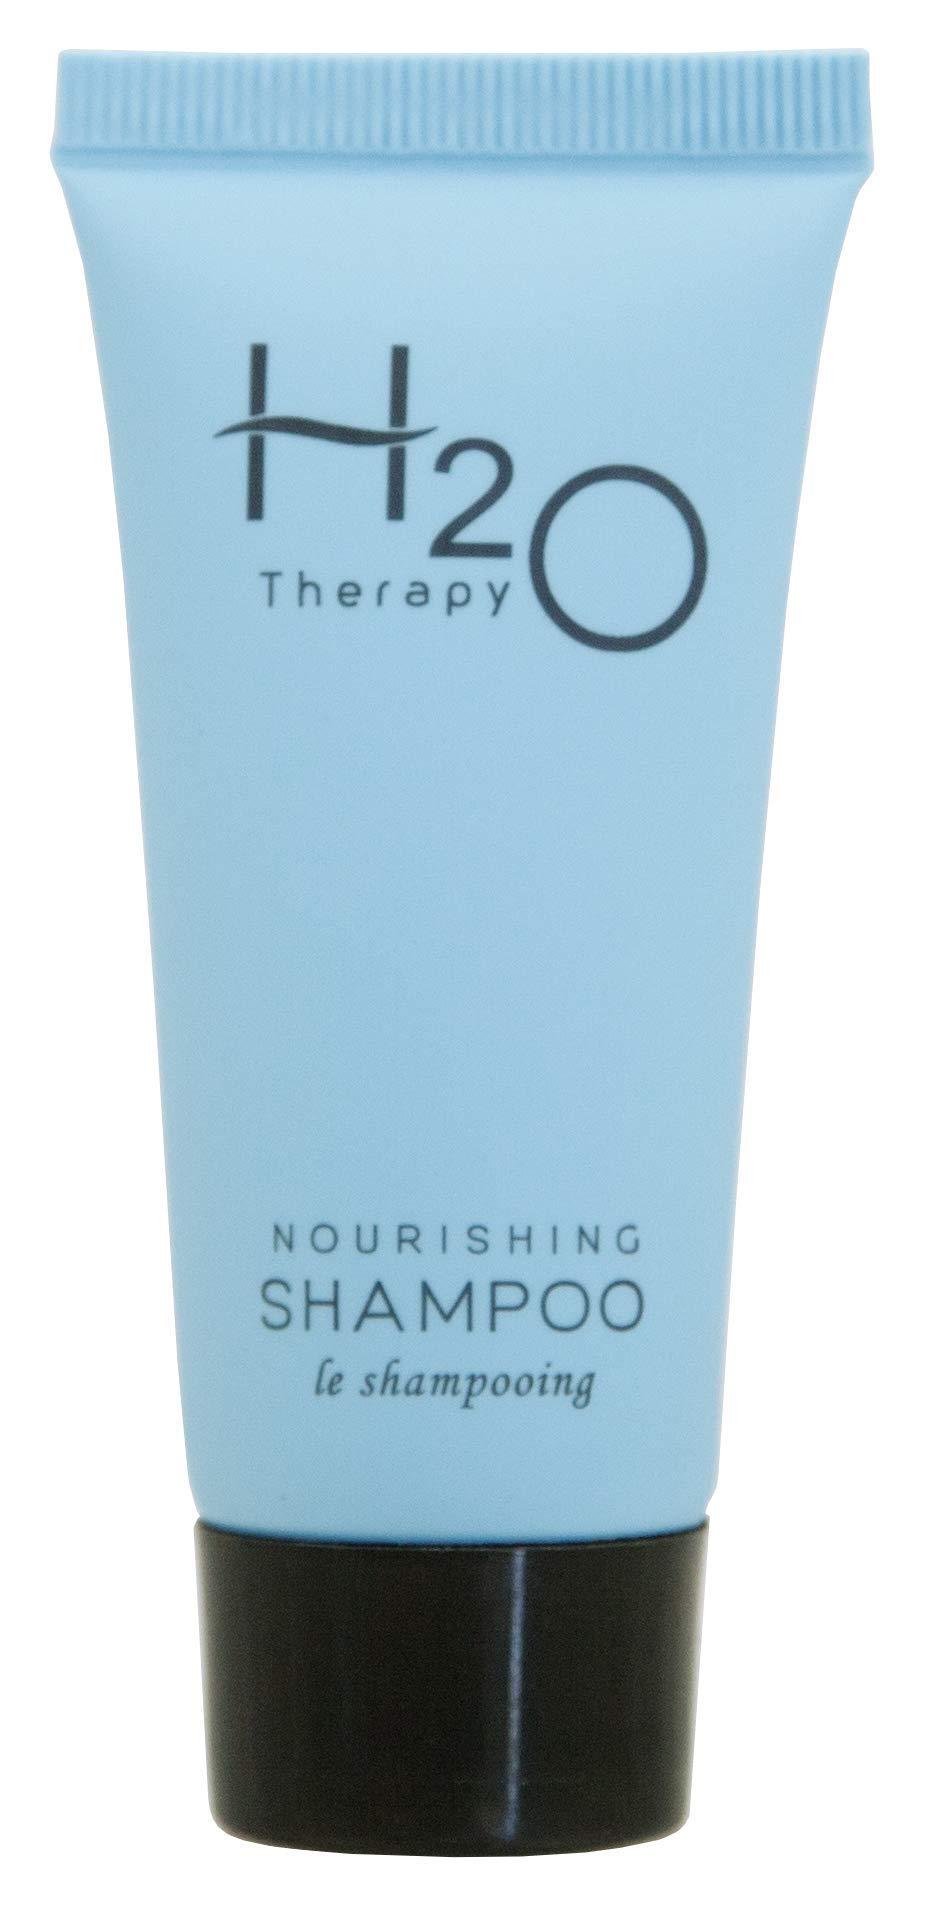 H2O Nourishing Shampoo